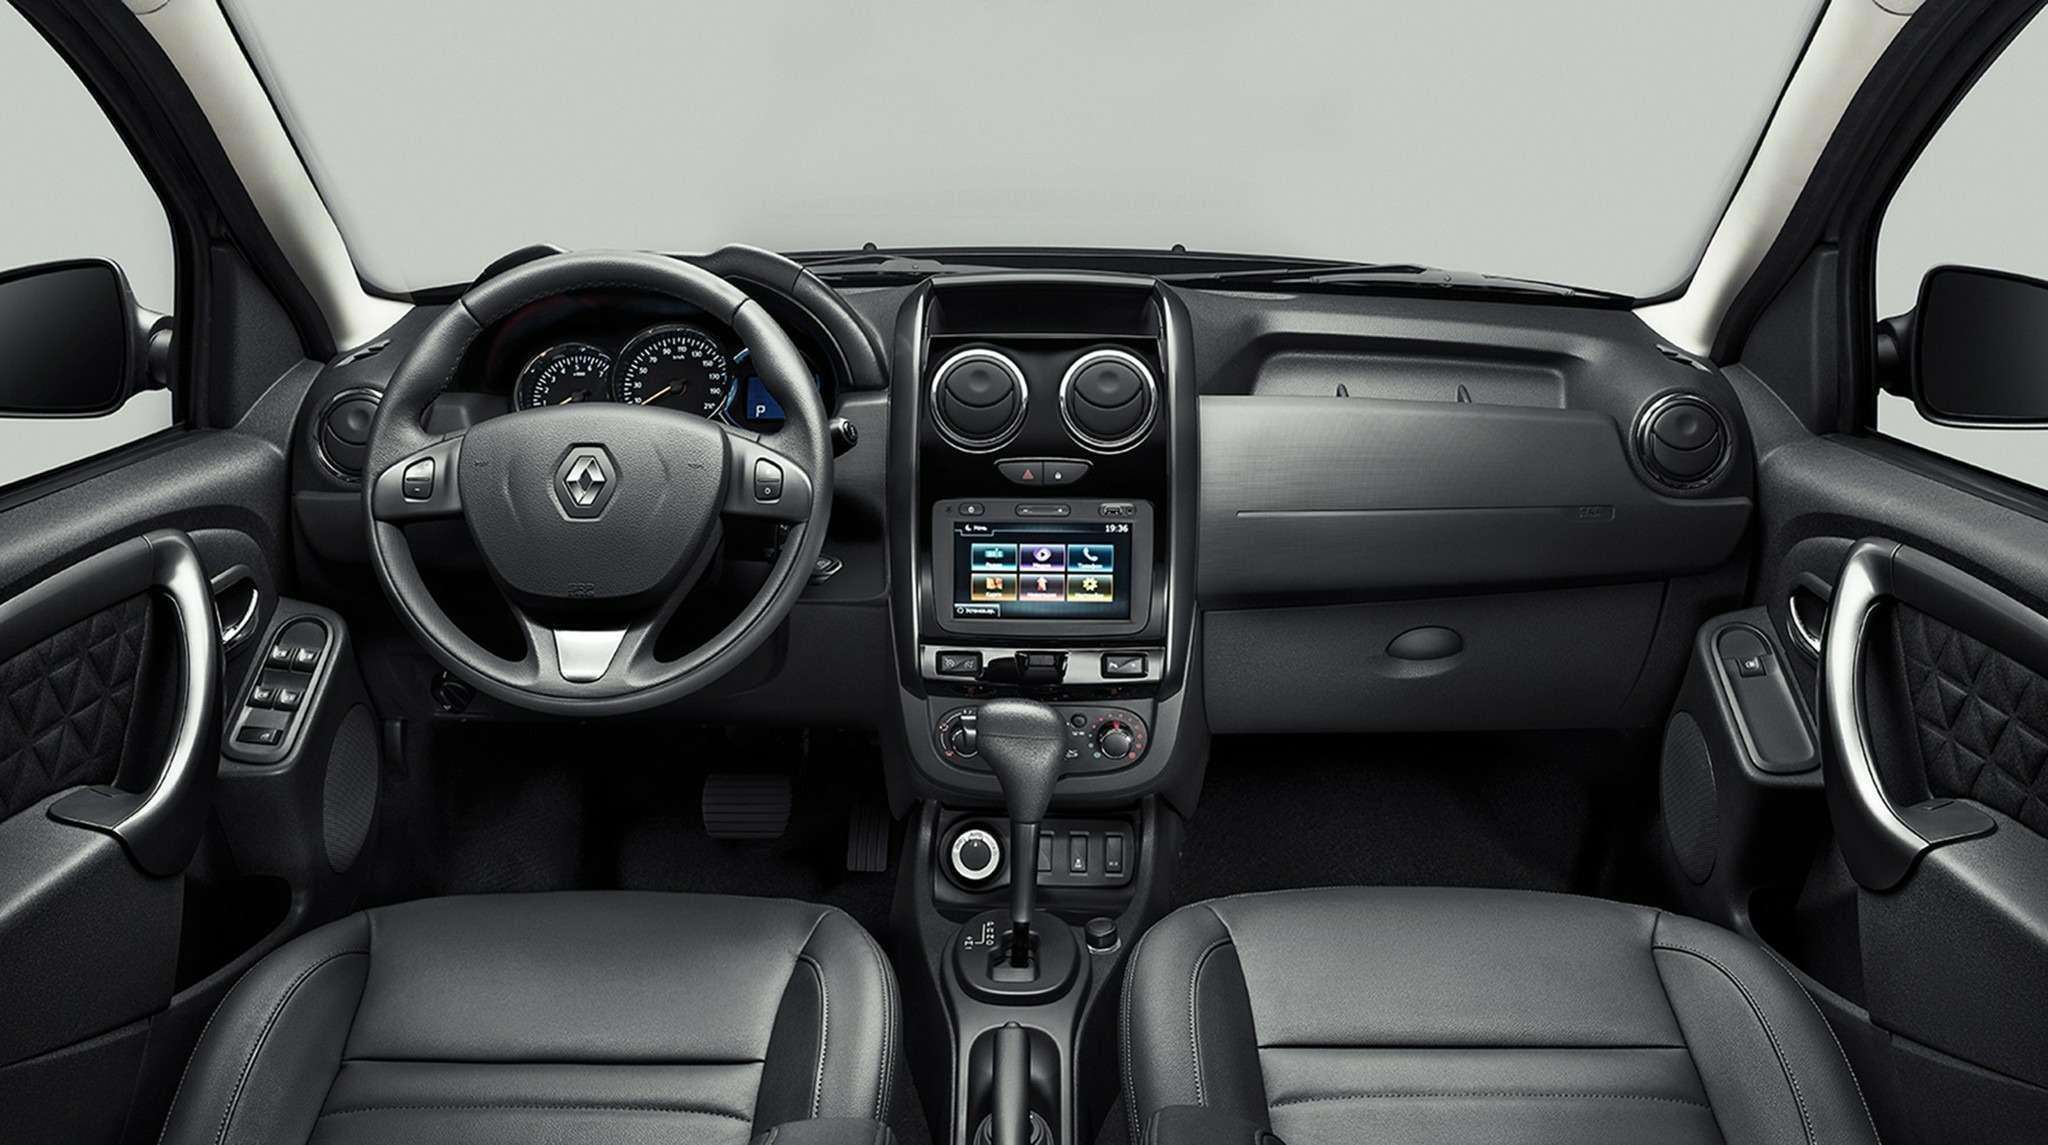 Renault_69073_ru_ru